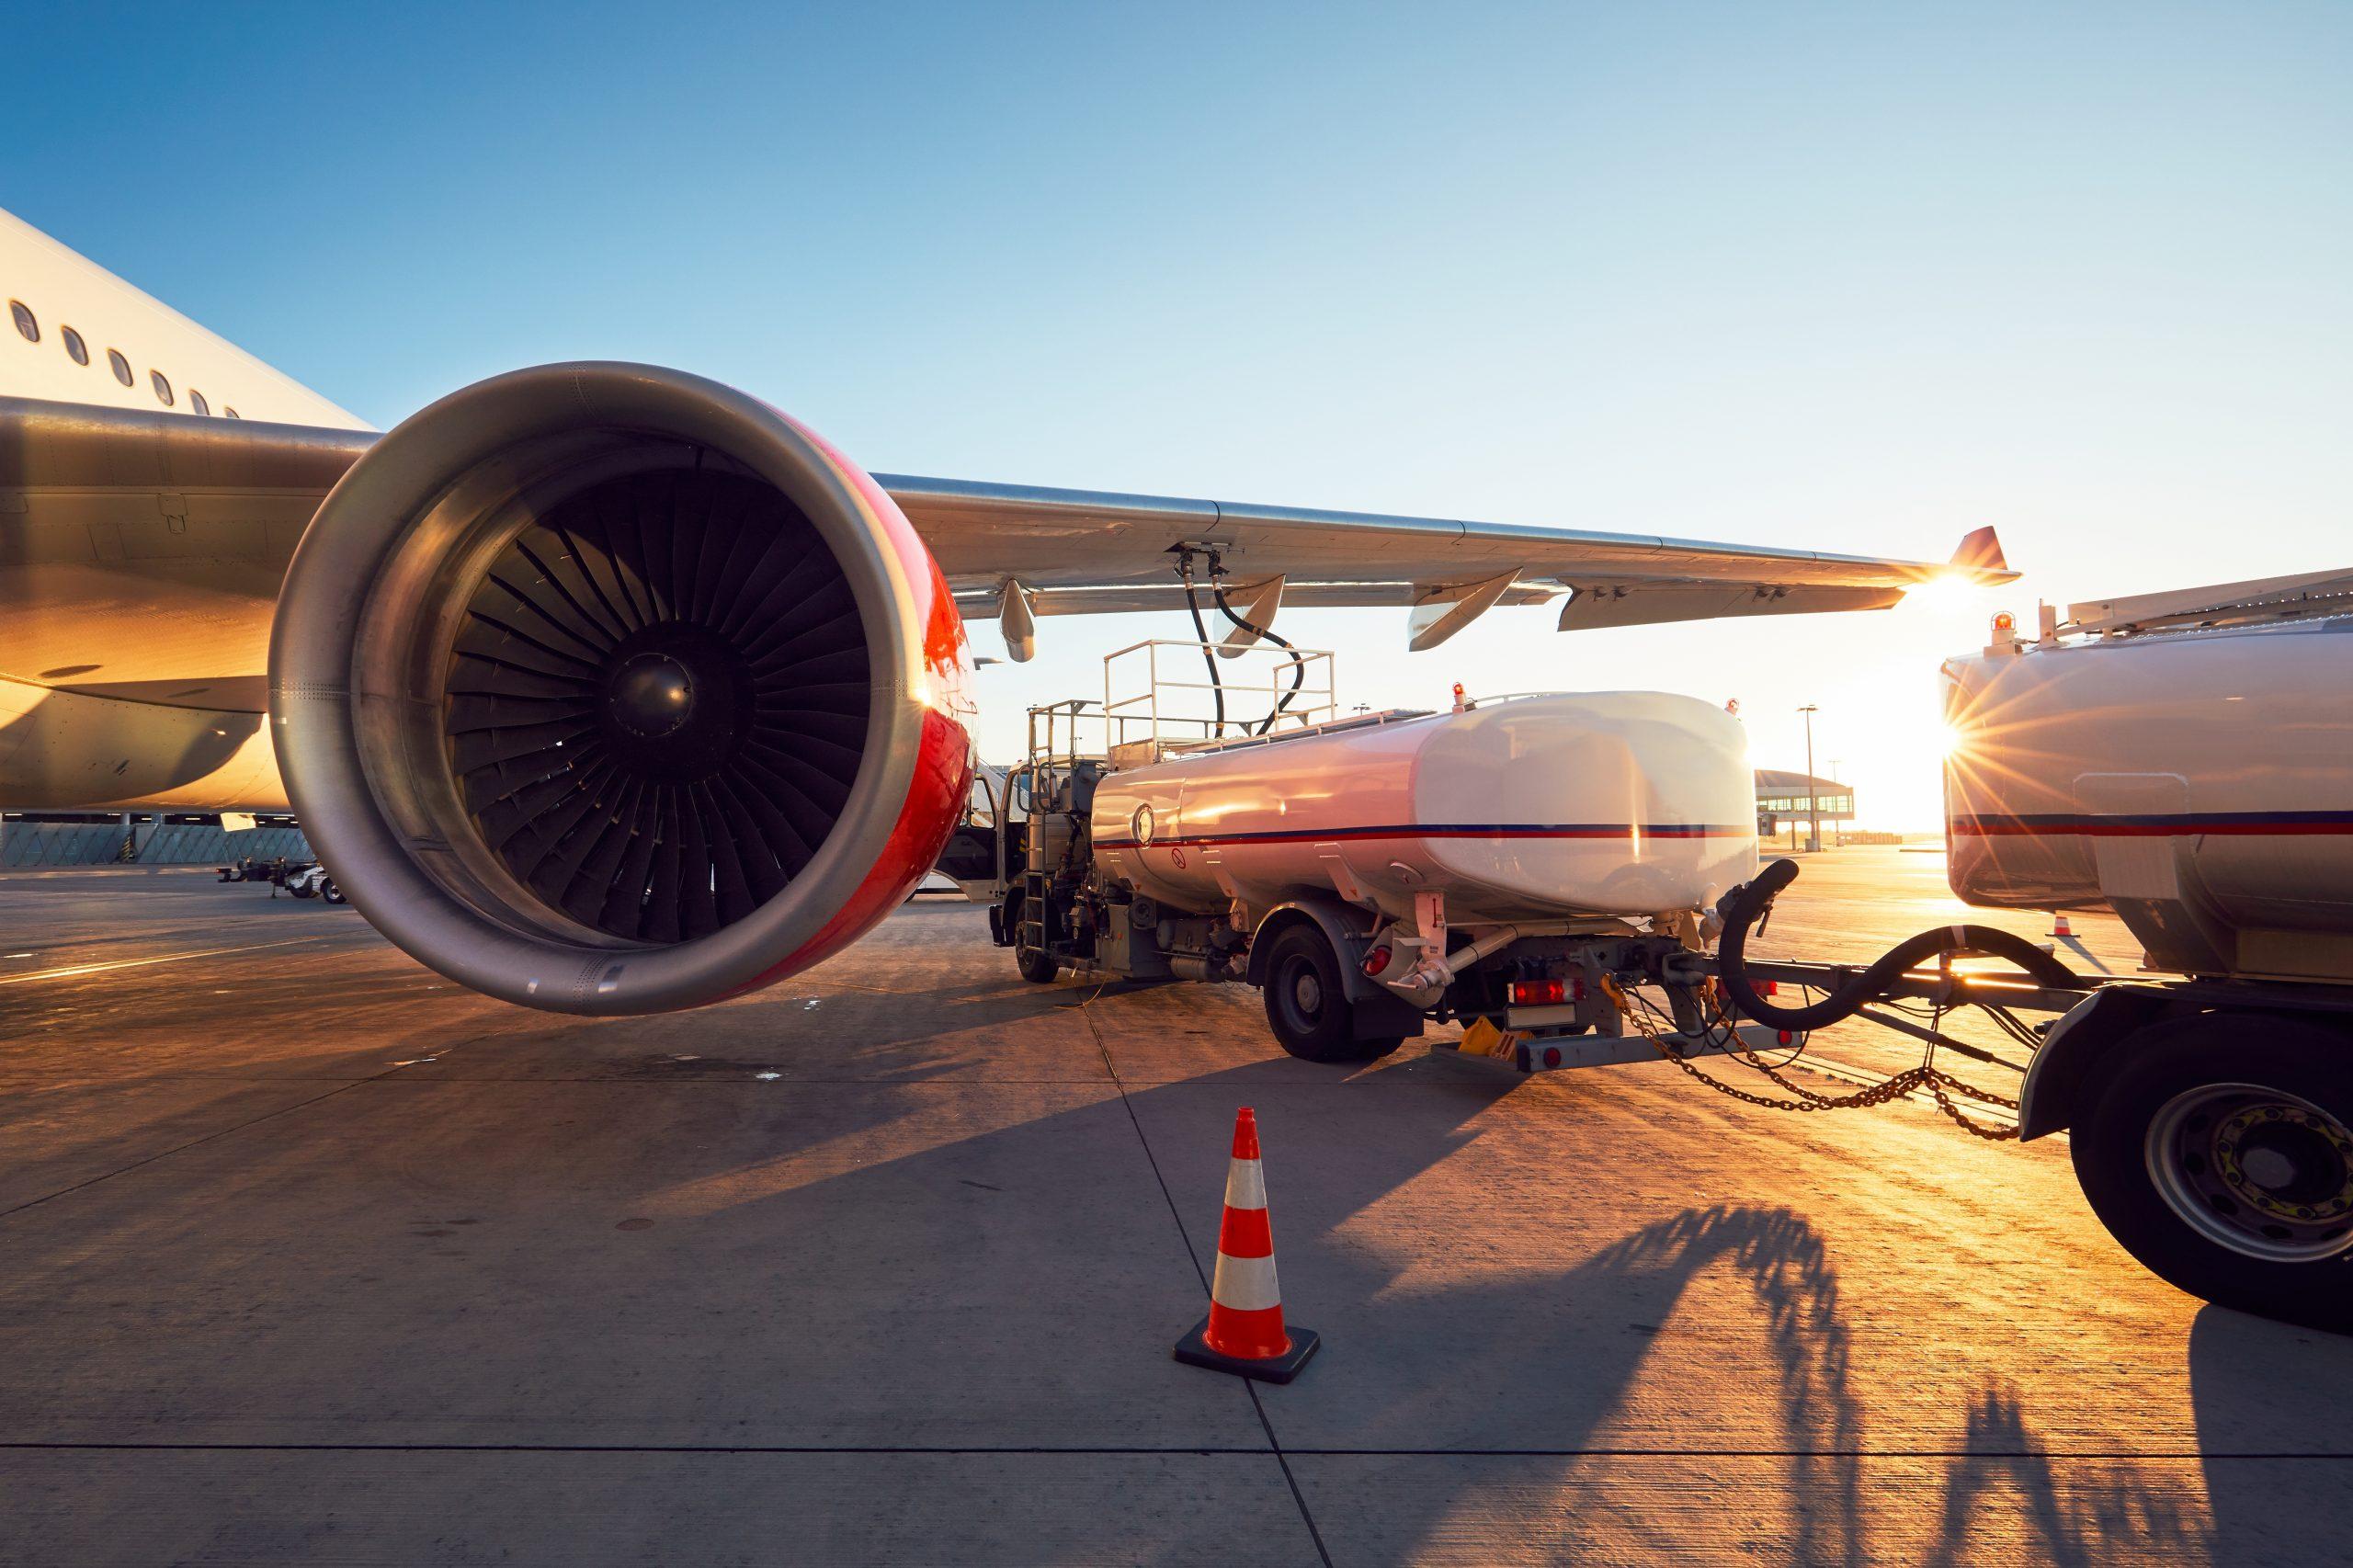 Fly tankes i lufthavn. (Foto: Jaromir Chalabala | Shutterstock)